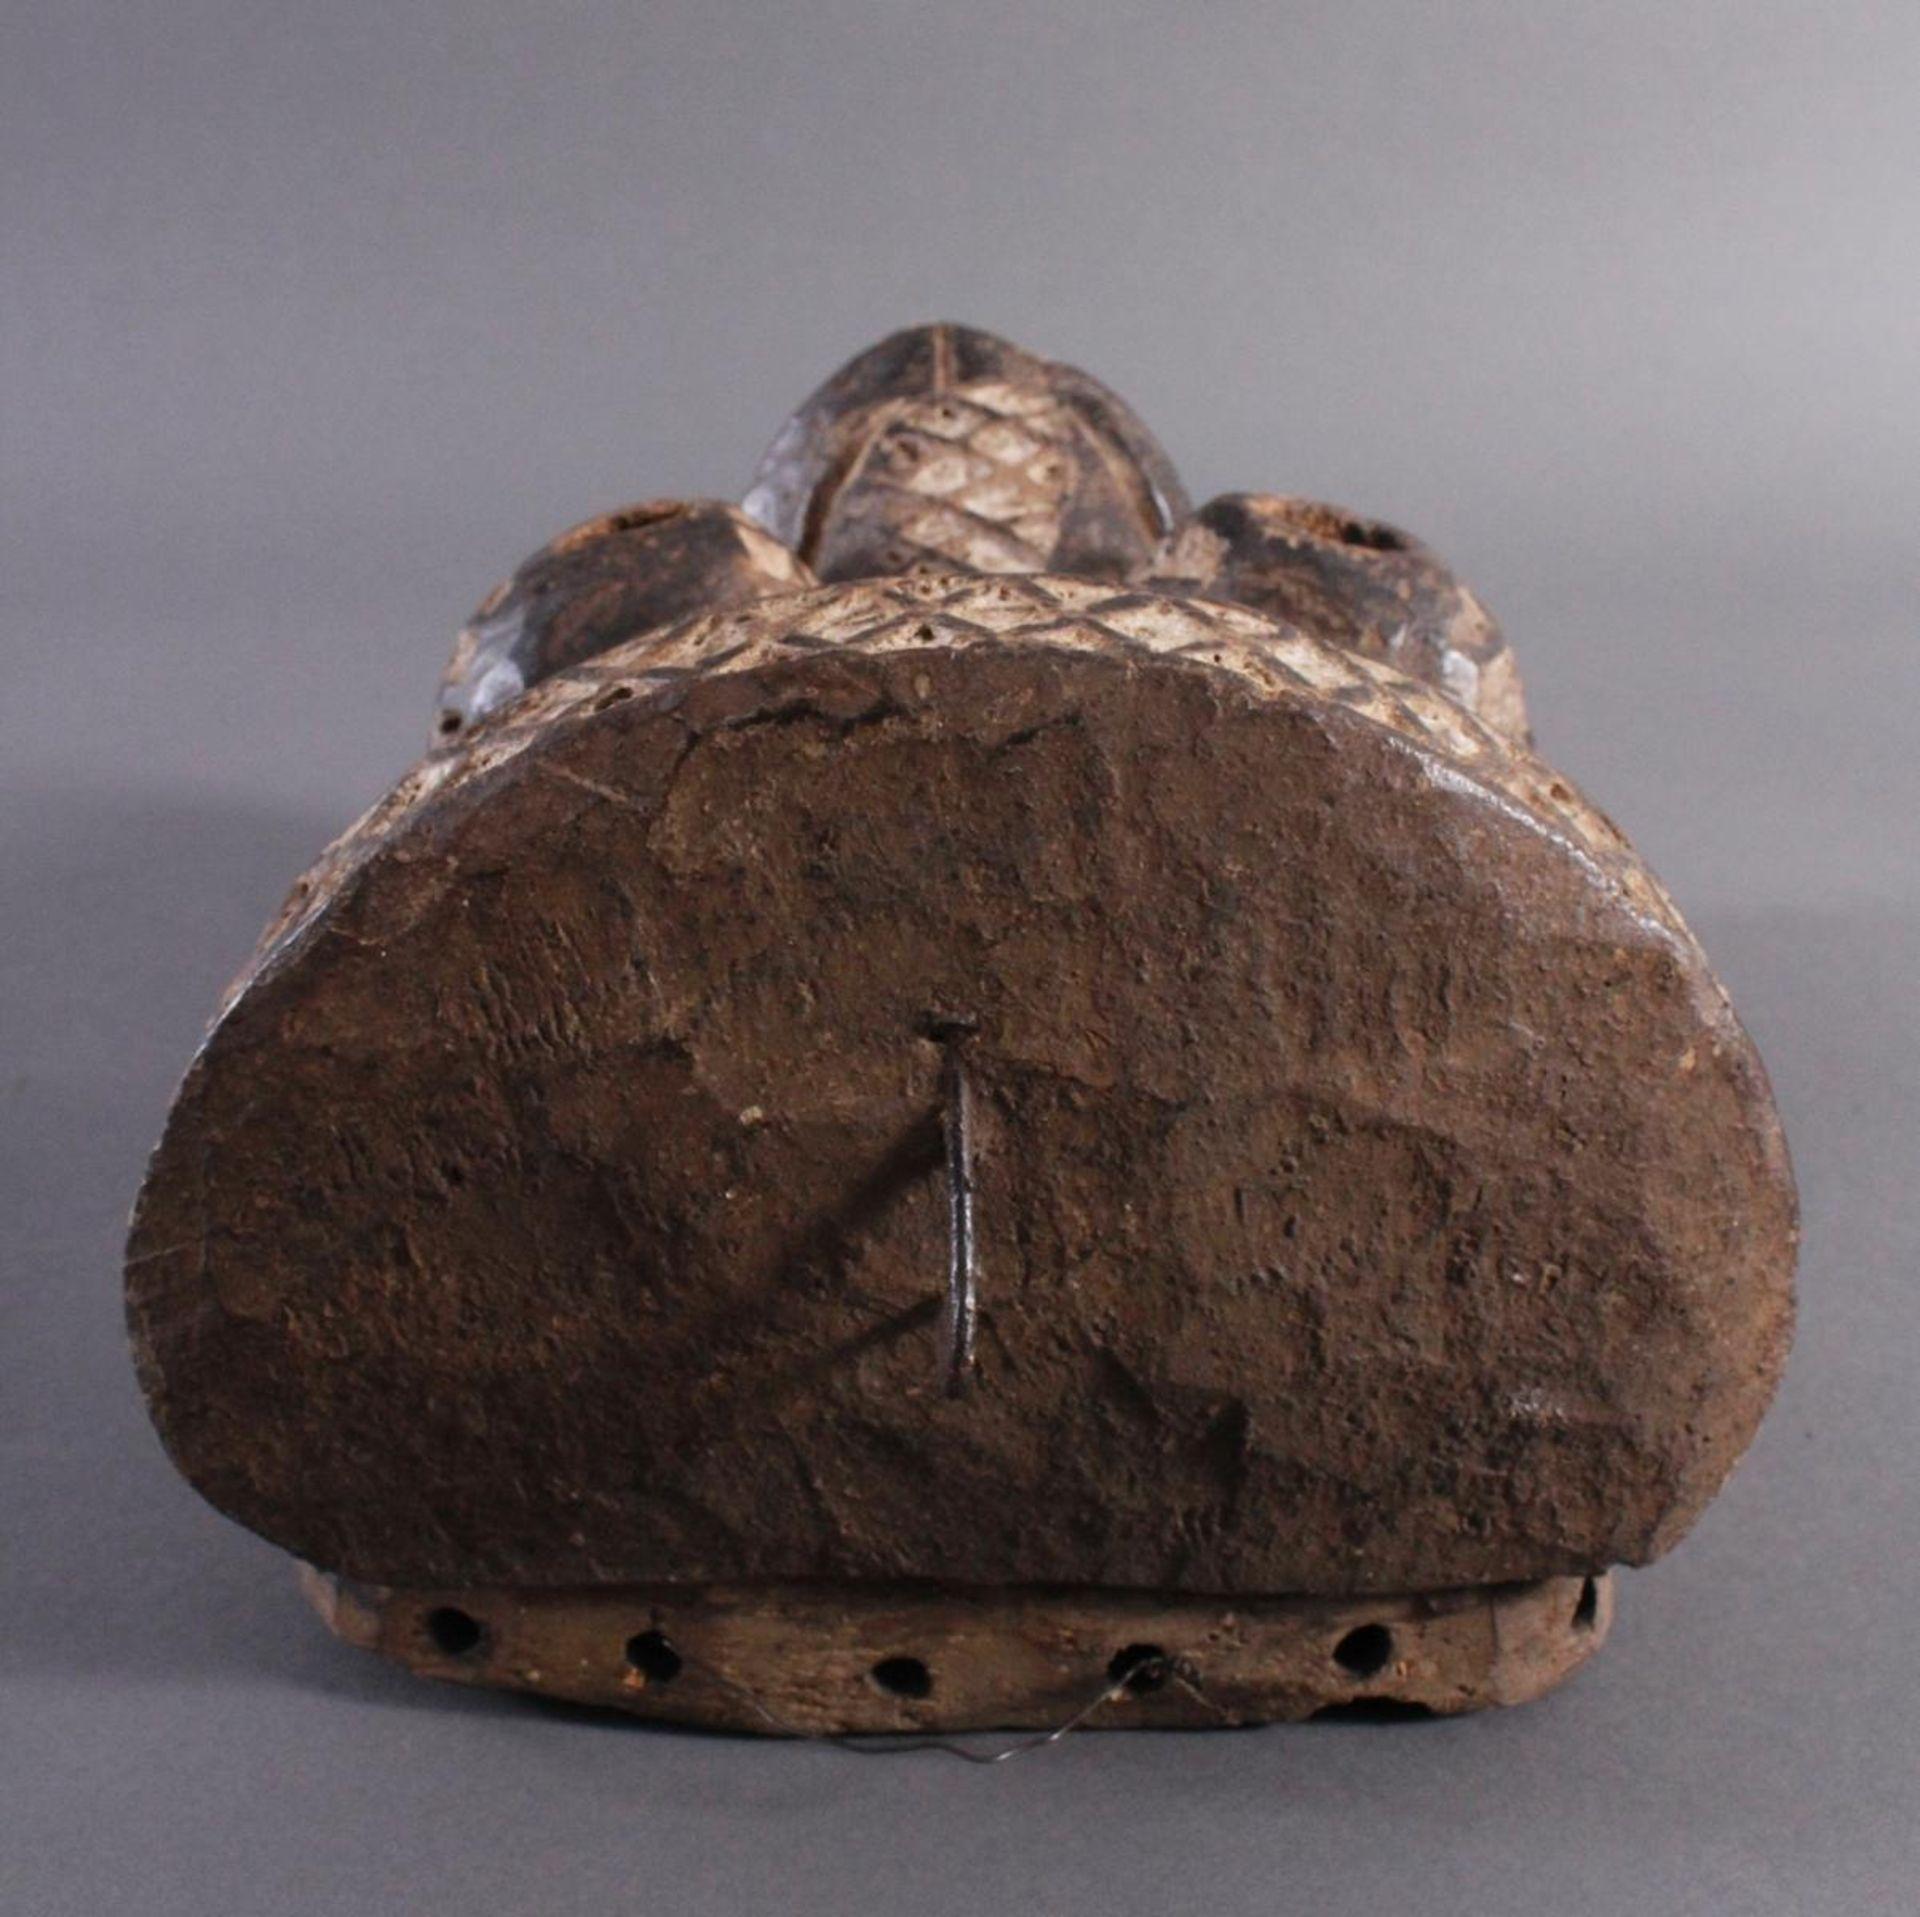 Antike Maske, Yaure Elfenbeinküste 1. Hälfte 20. Jh.Holz geschnitzt, dunkle Patina, Reste weißer - Bild 4 aus 6